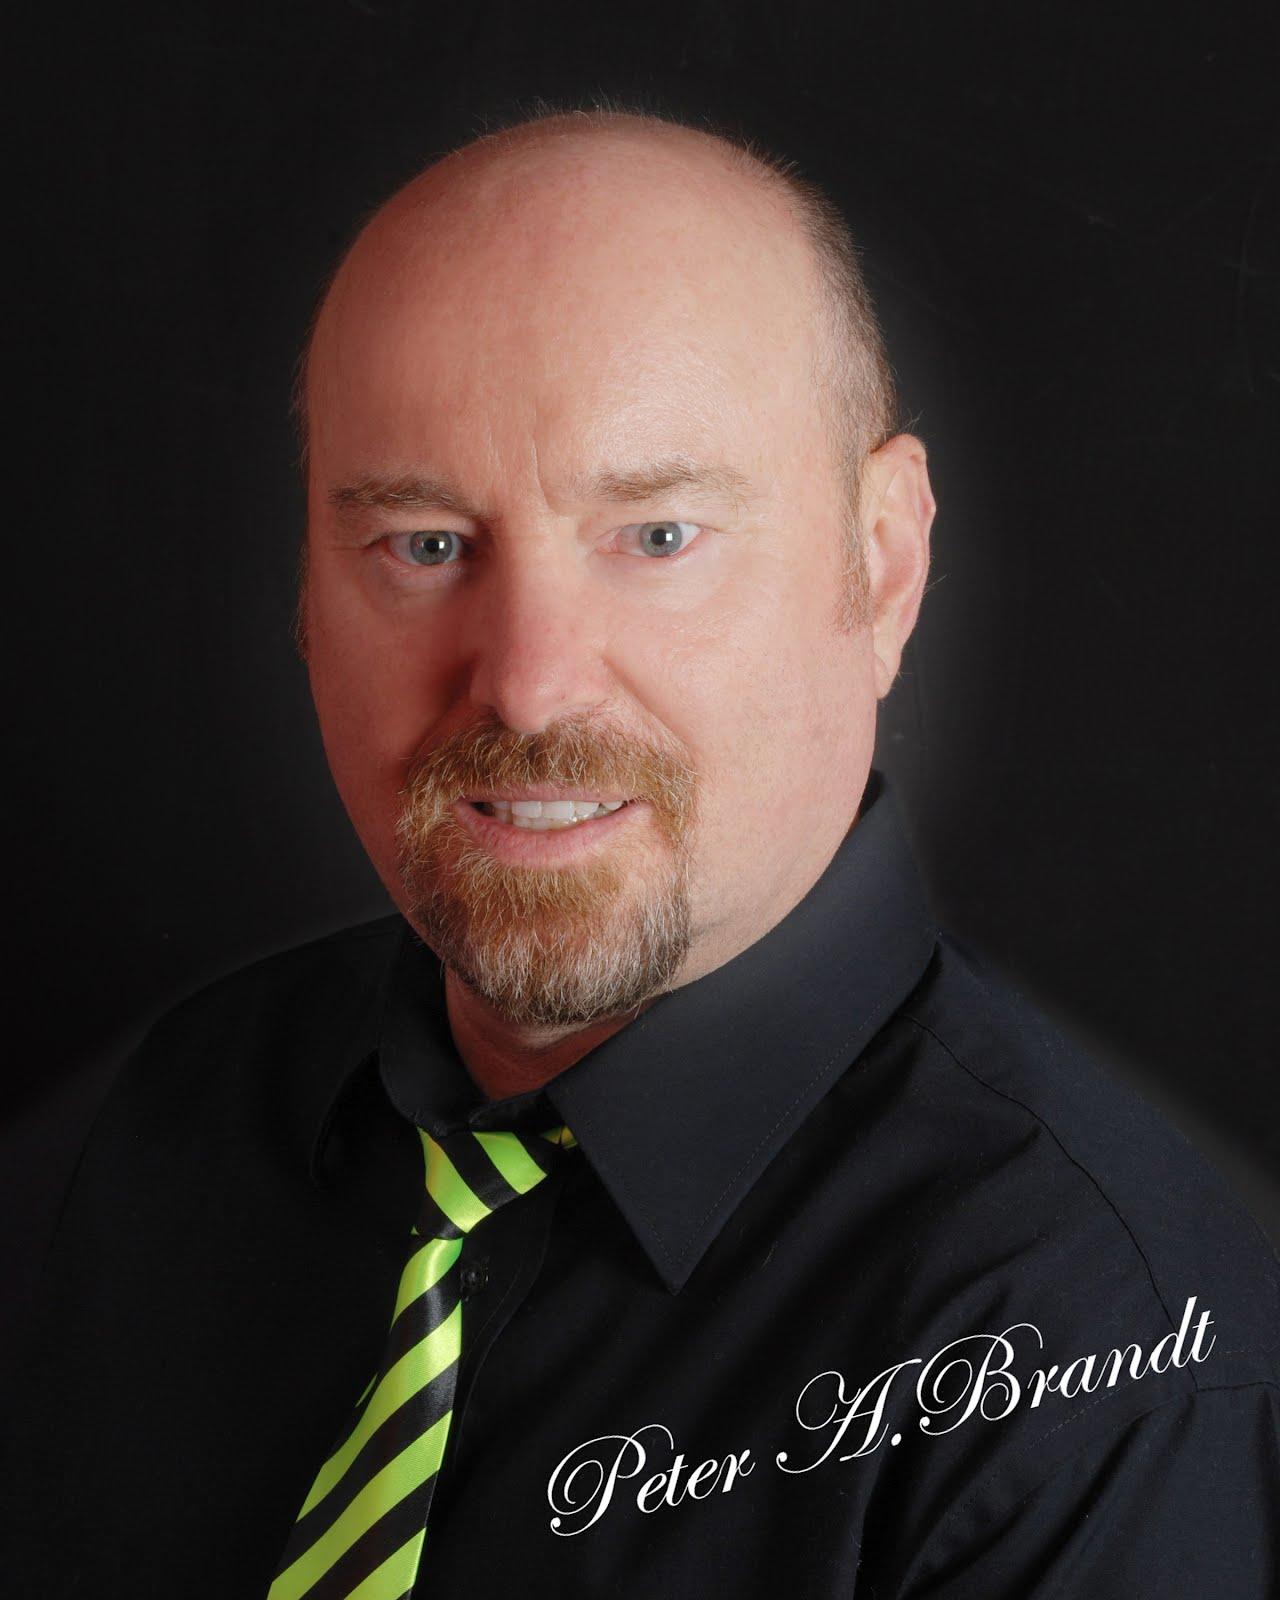 Brandt Peter